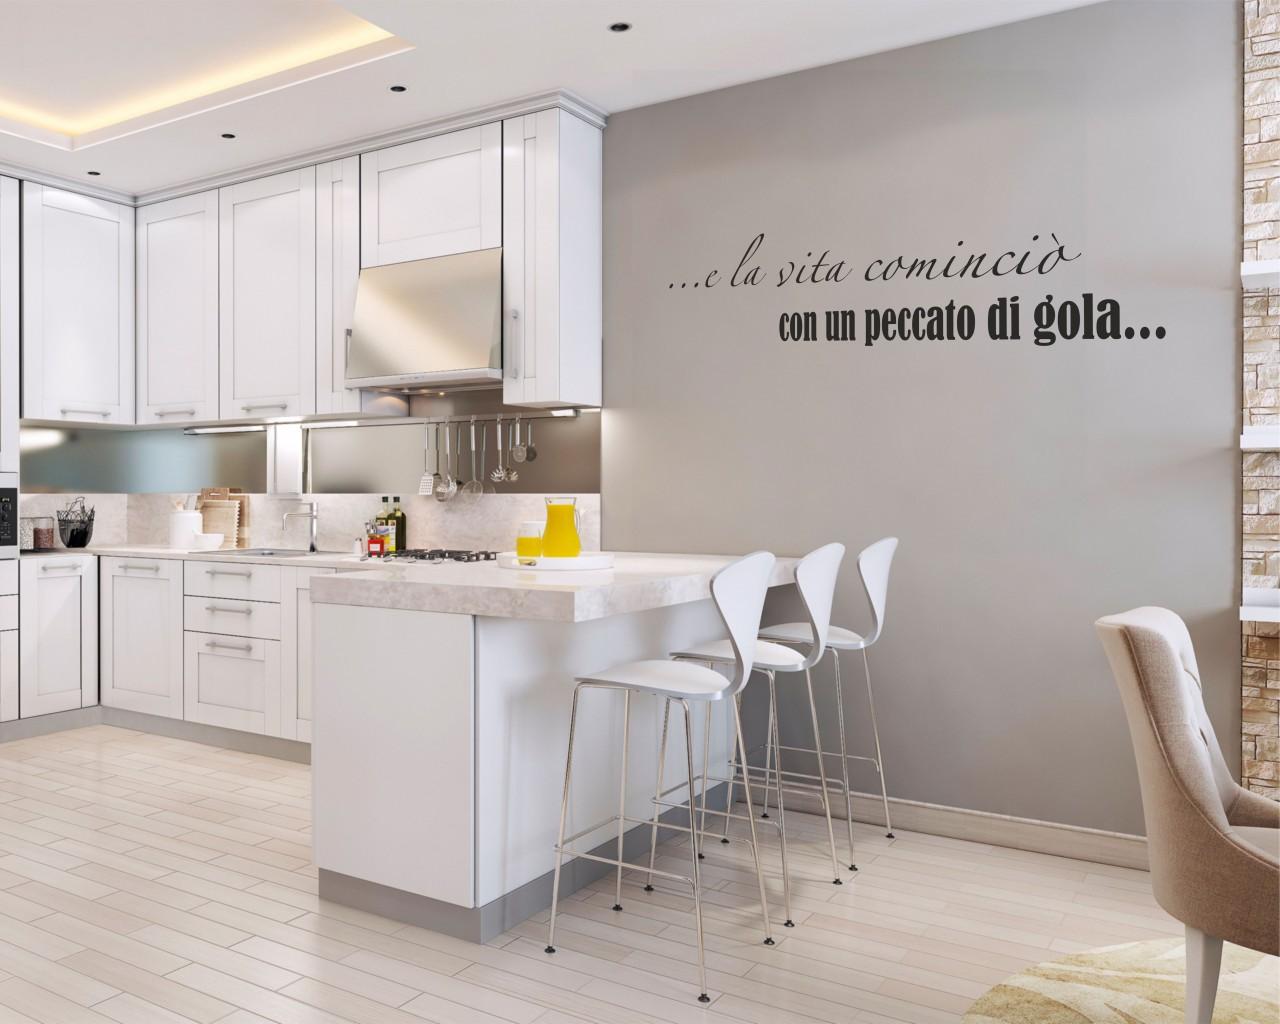 E la vita comincio frasi aforismi citazioni for Stickers murali cucina